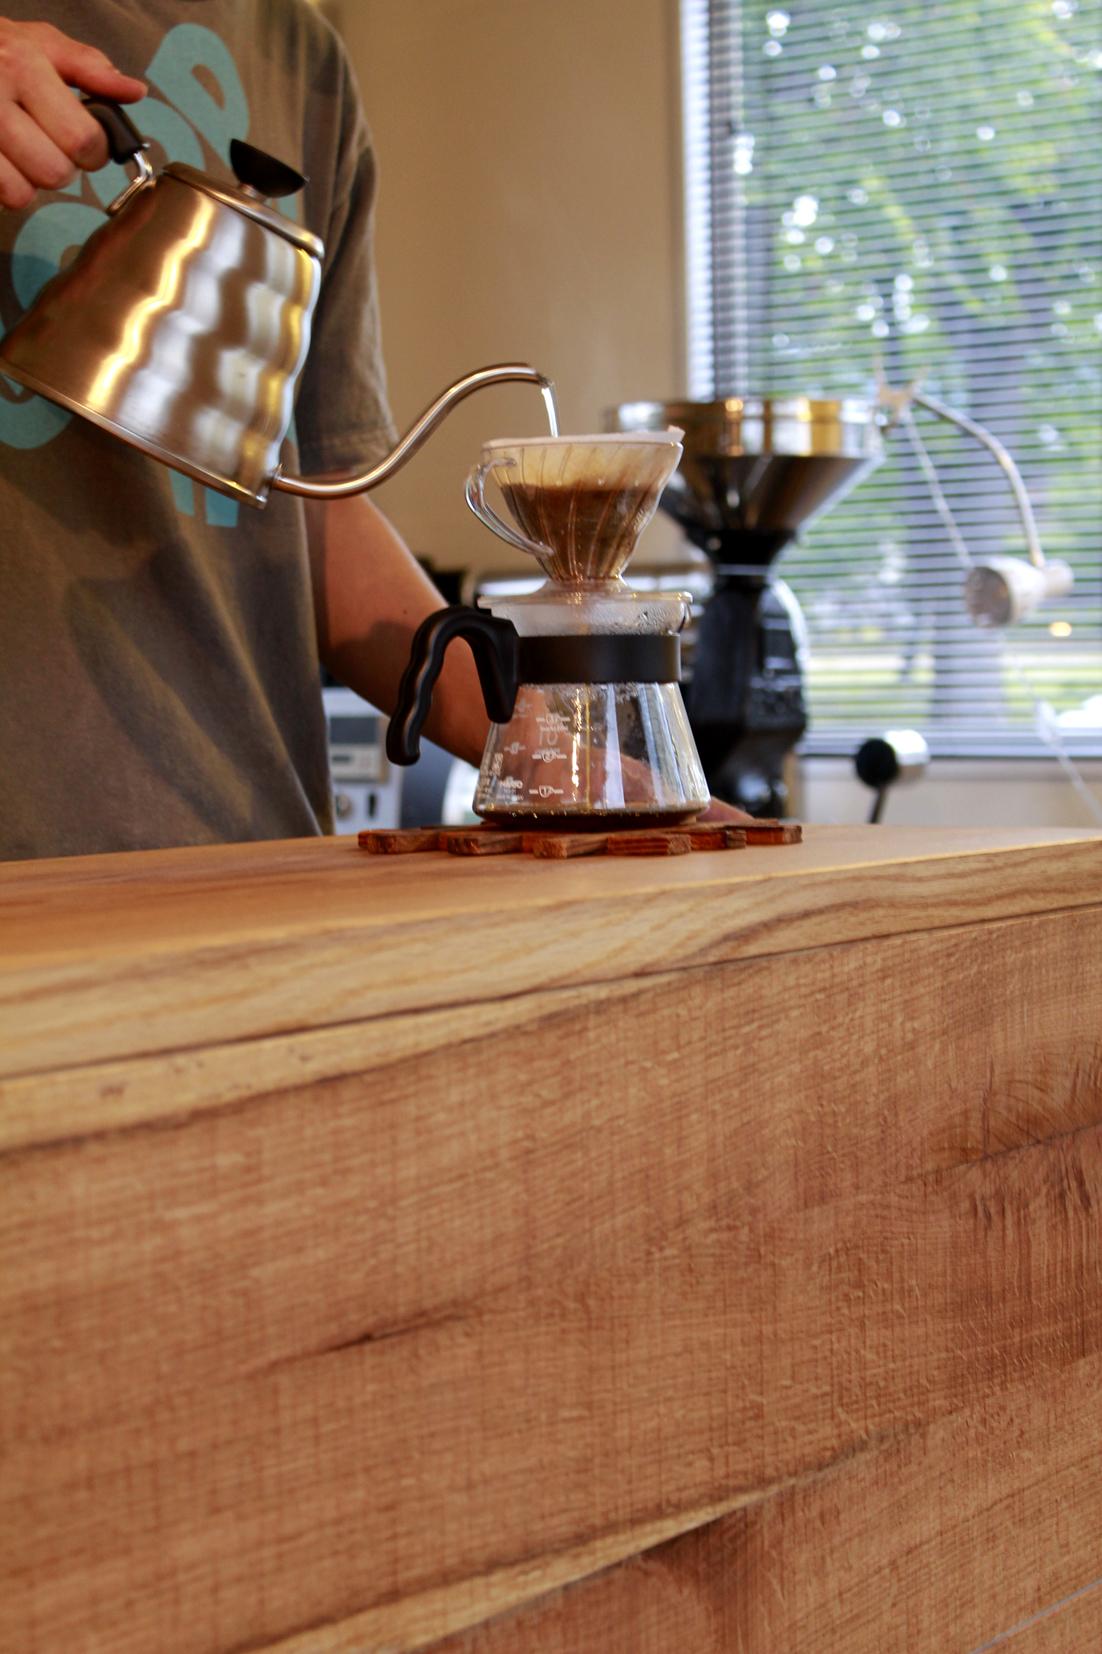 オーロラコーヒー | AURORA COFFEE | カウンター | 棚 | 山形・仙台を中心にオリジナル家具・オーダー家具、インテリアのデザイン・製作・納品をおこなっています。おしゃれ。